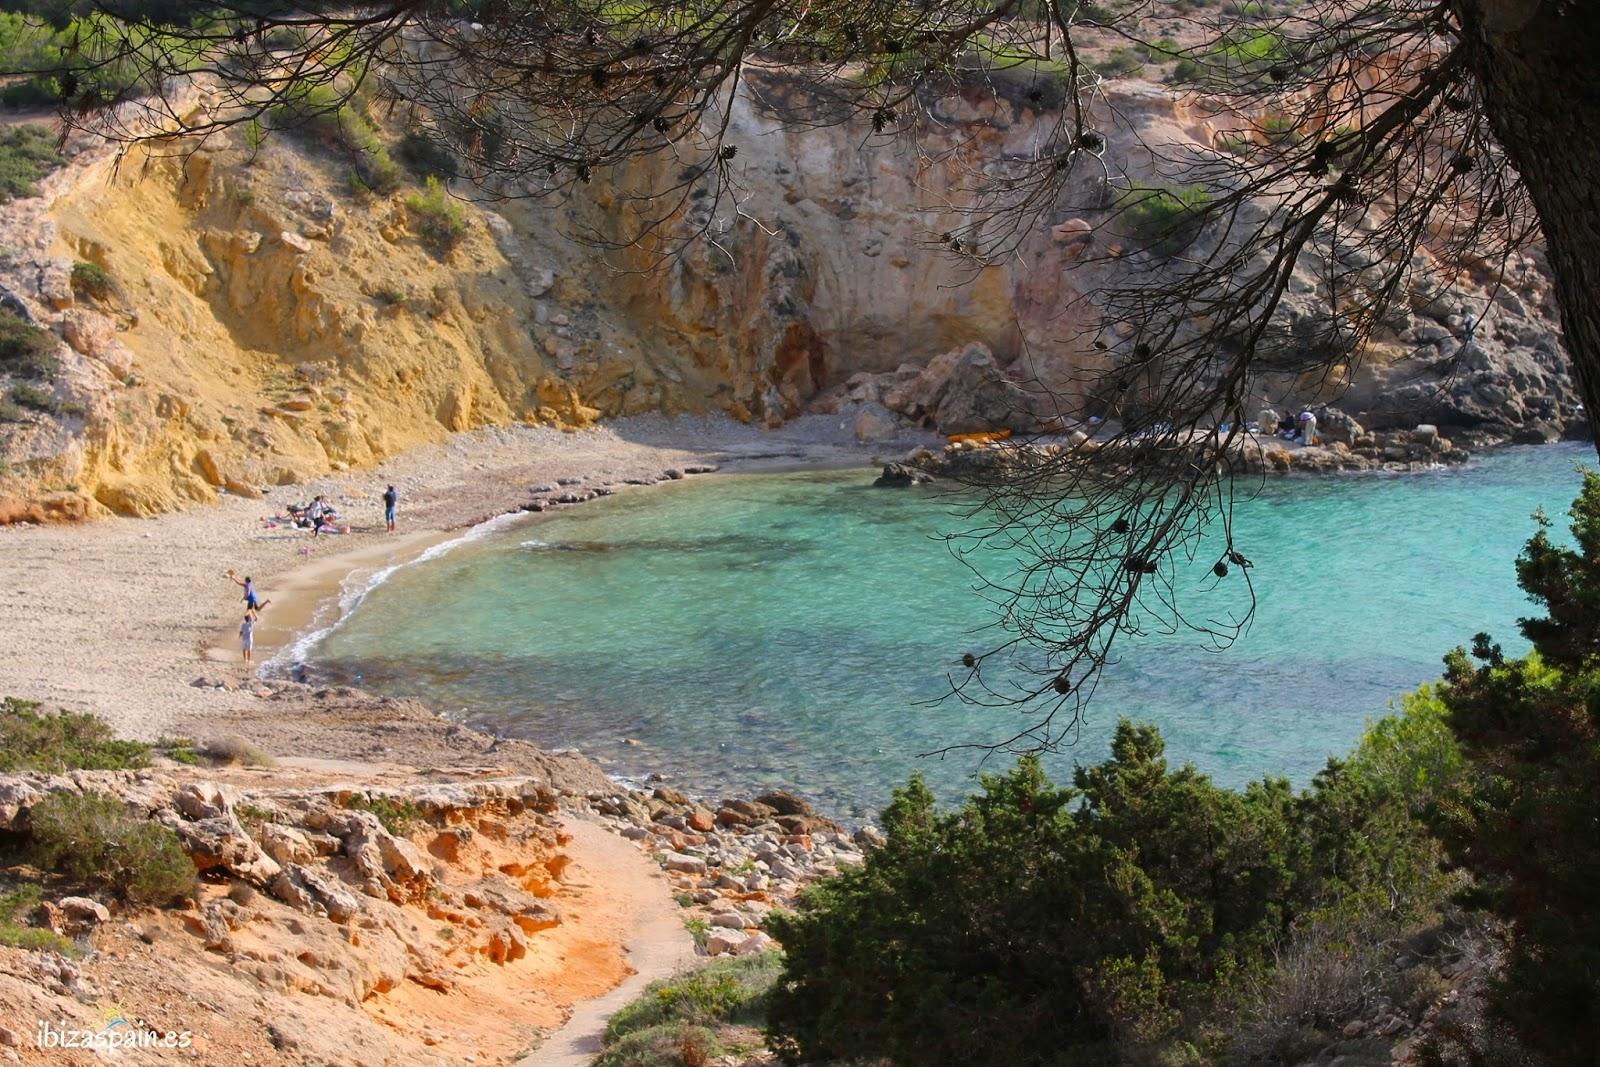 Cala Codolar, una cala poco conocida al noroeste de Sant Josep